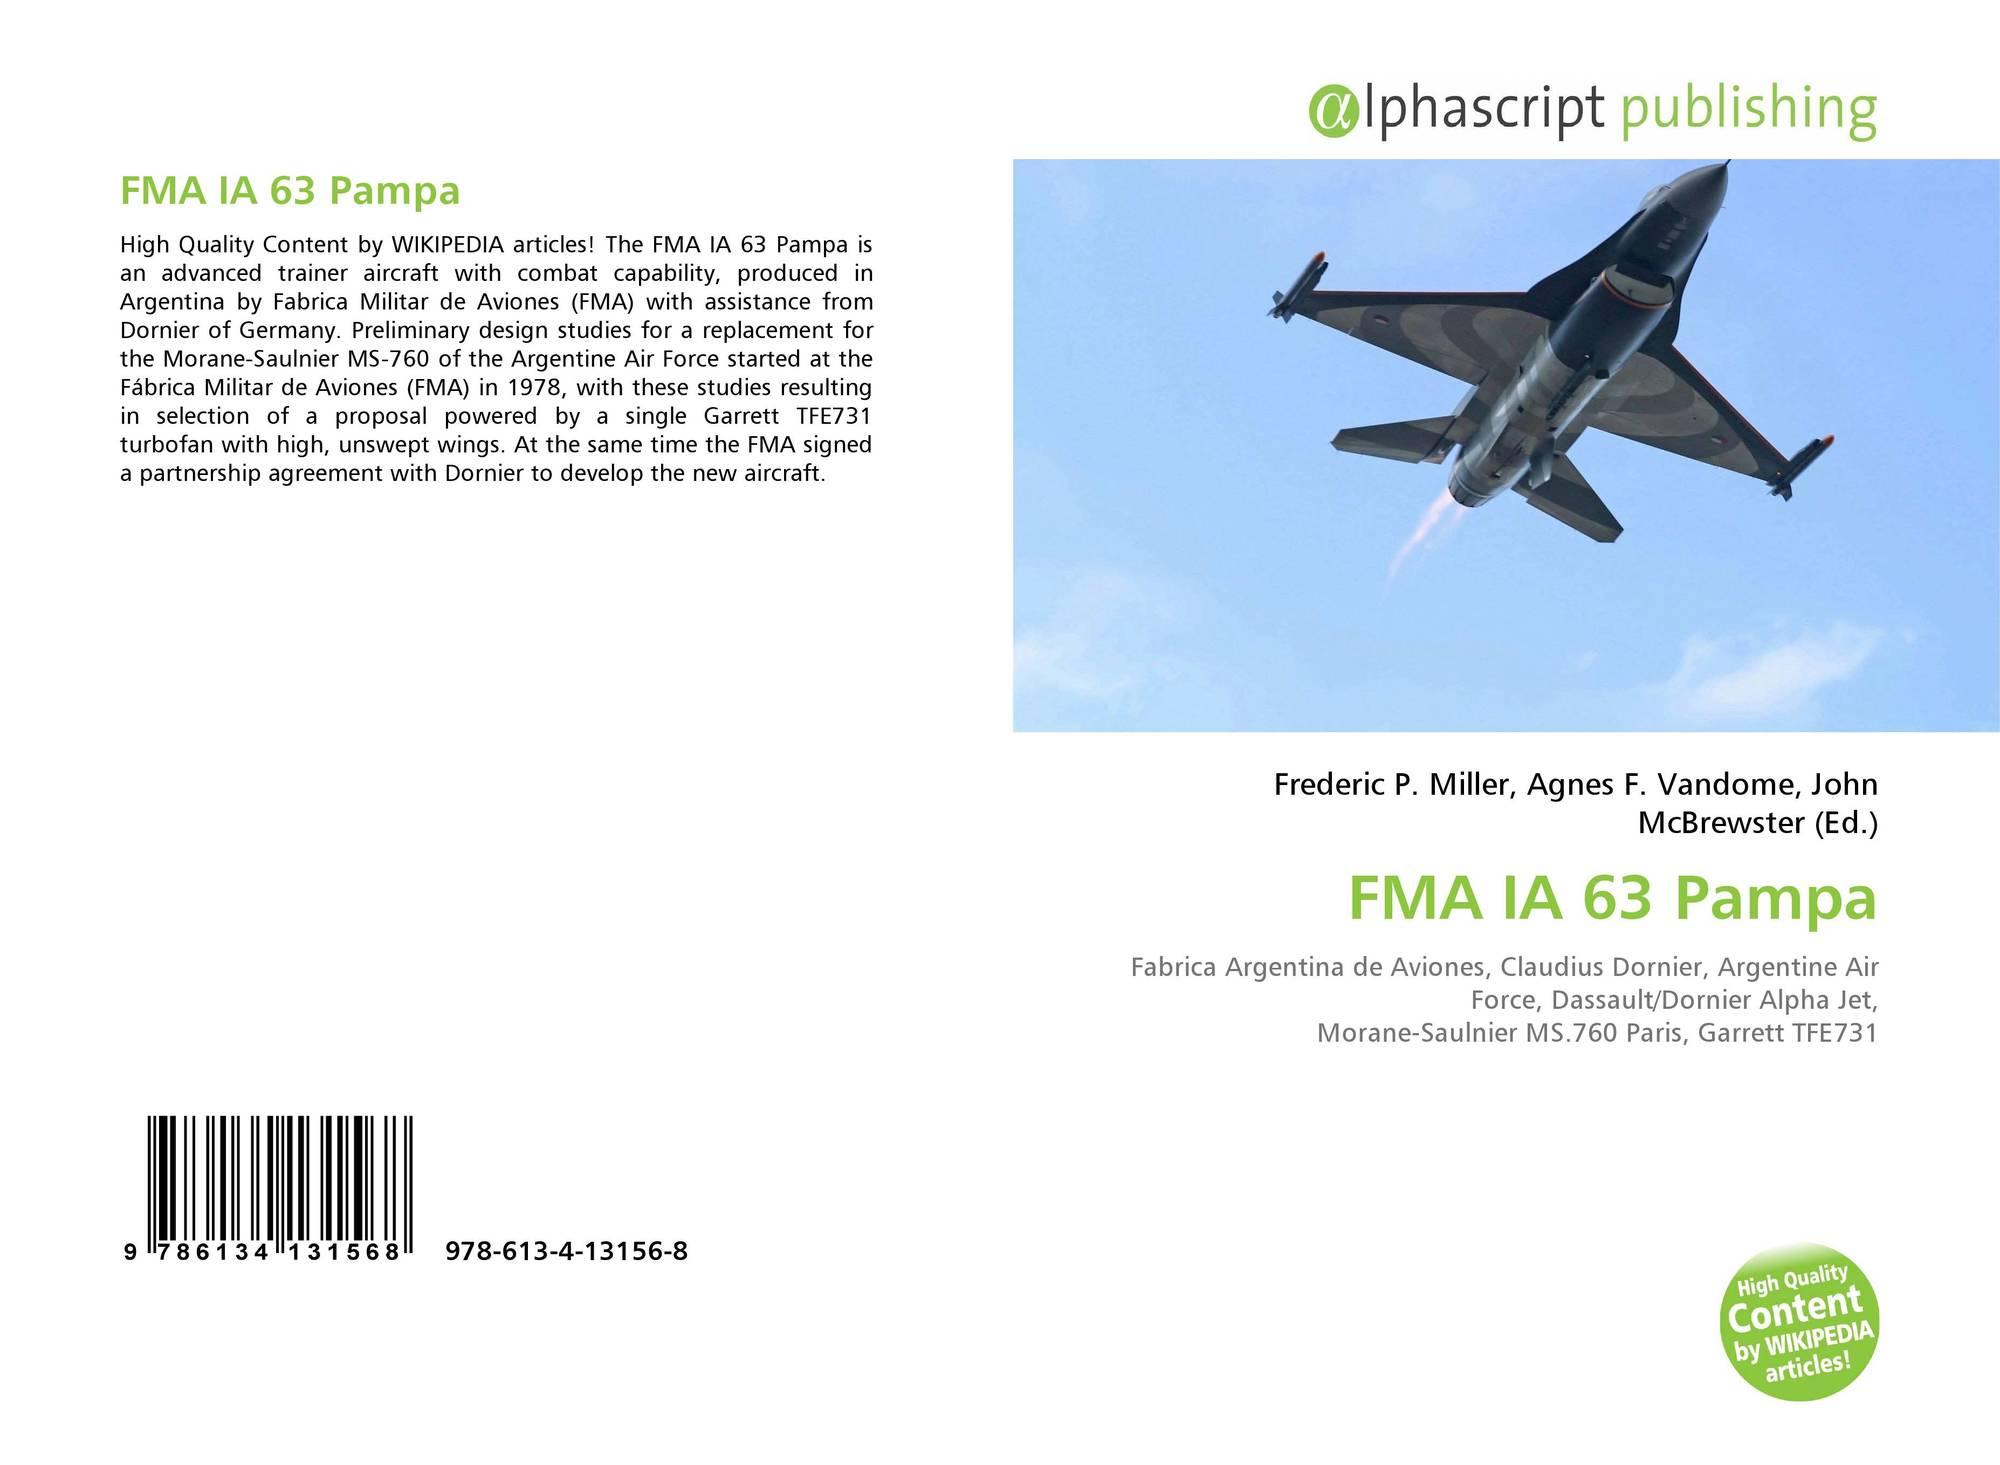 FMA IA 63 Pampa, 978-613-4-13156-8, 6134131563 ,9786134131568